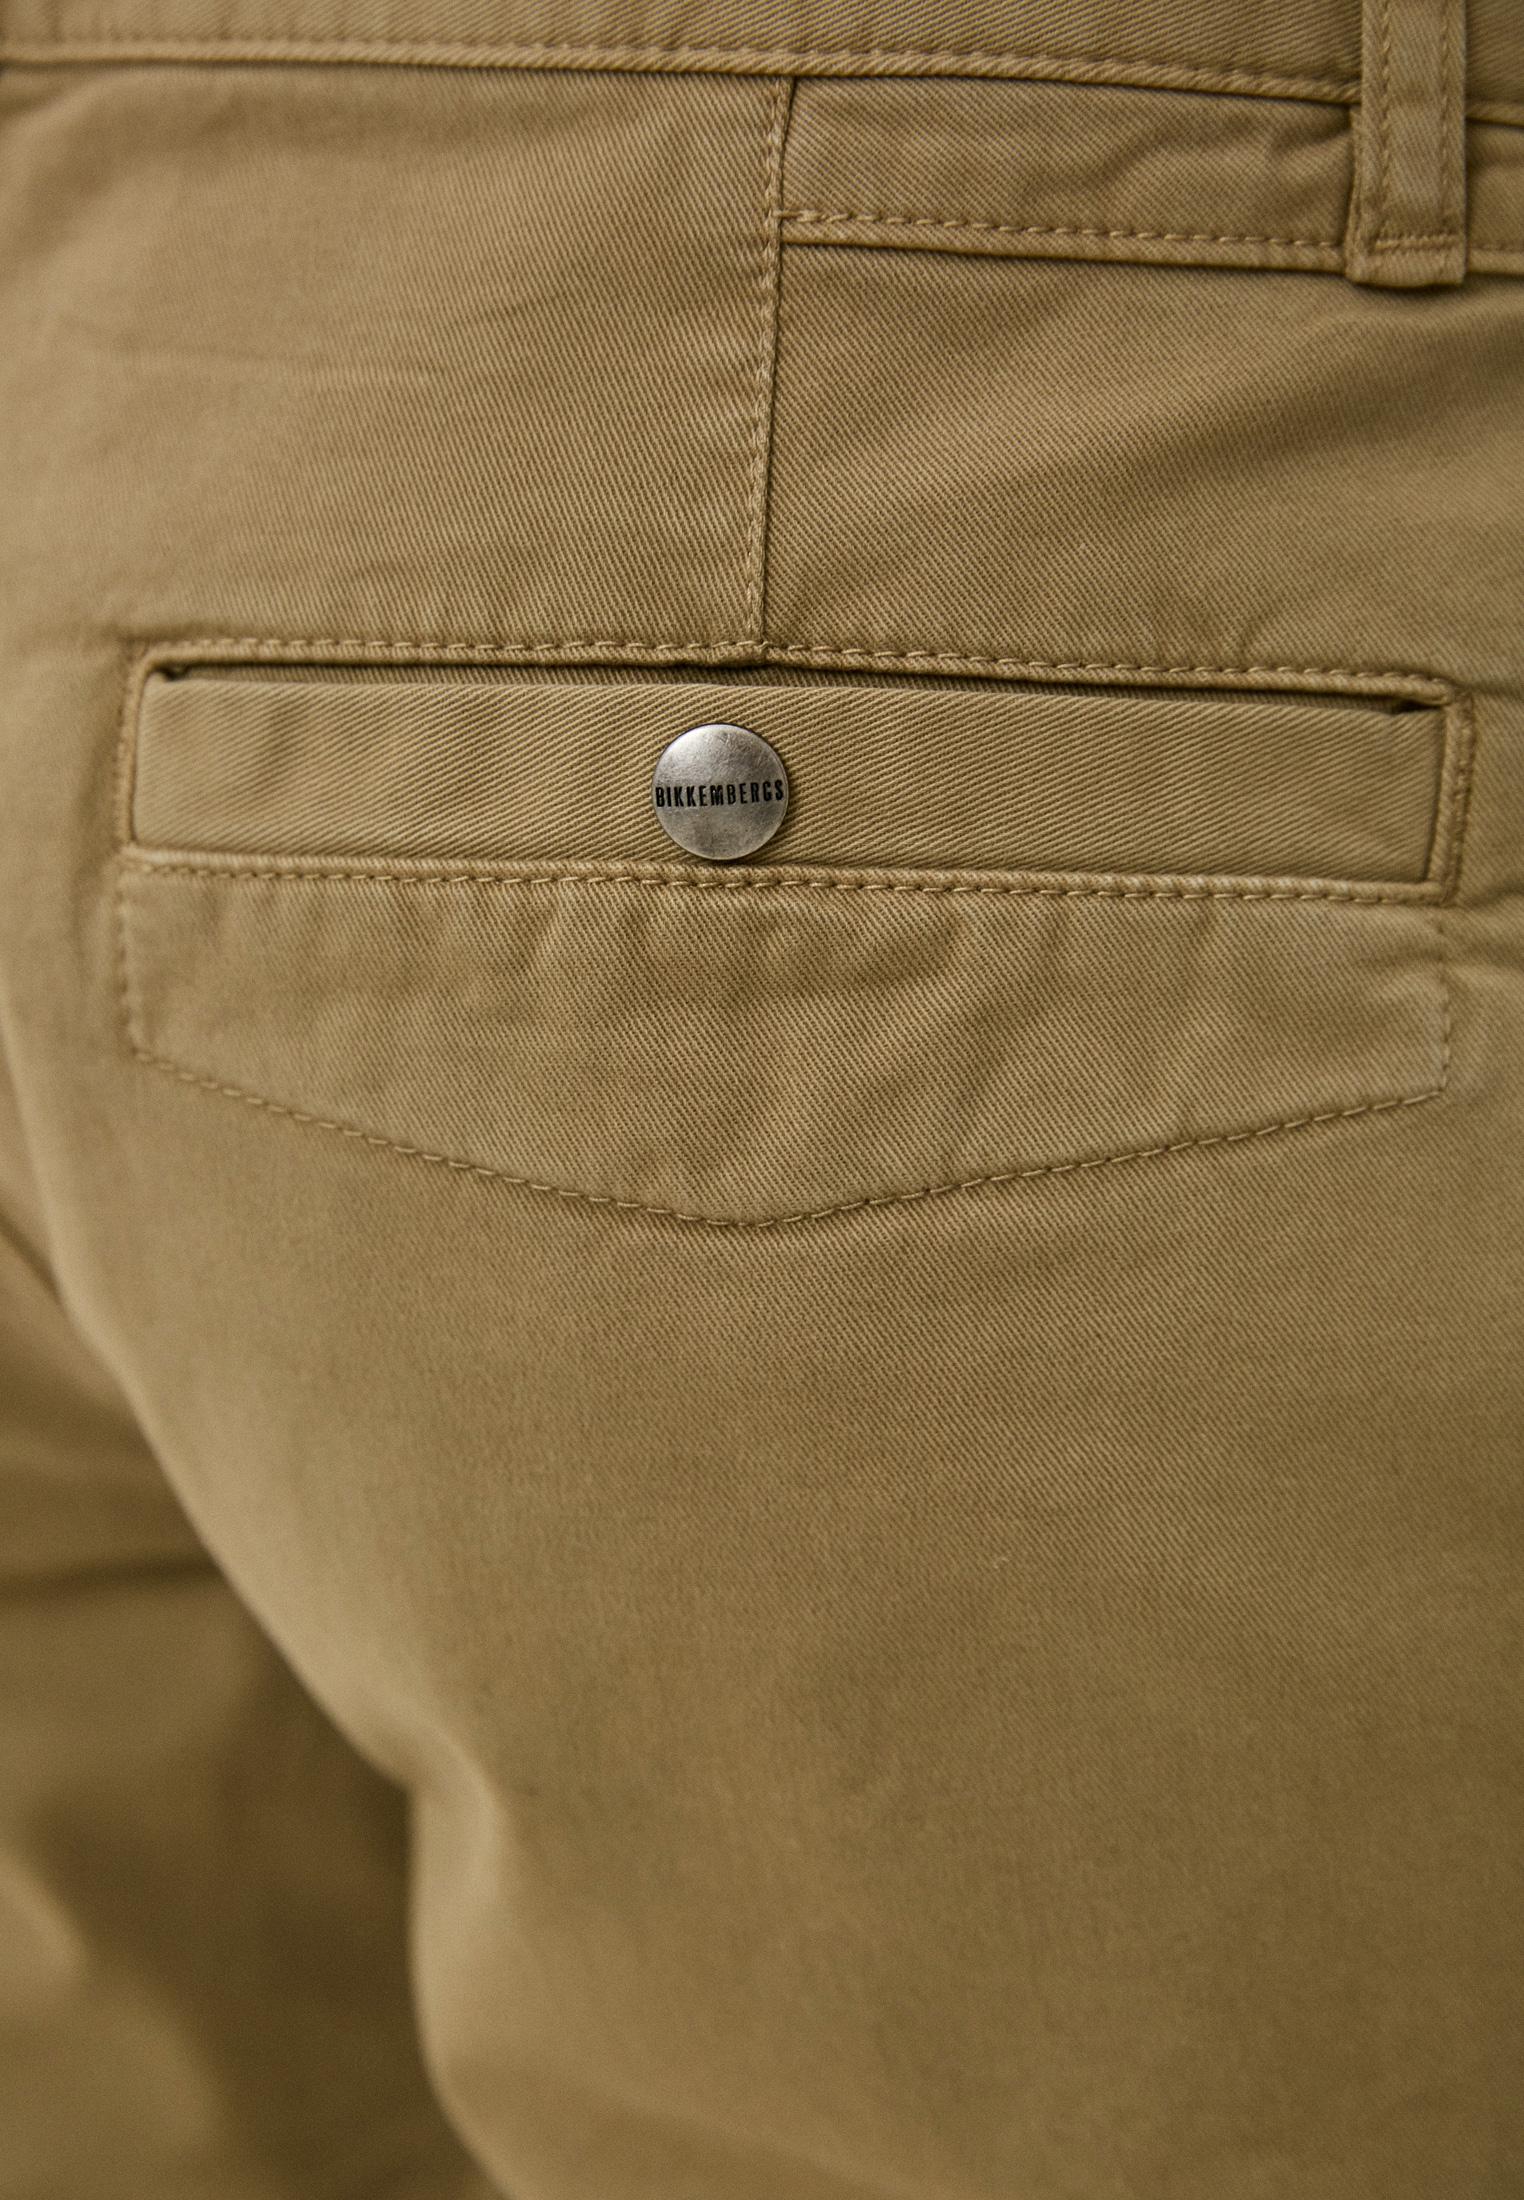 Мужские повседневные брюки Bikkembergs (Биккембергс) C P 112 00 S 3279: изображение 6